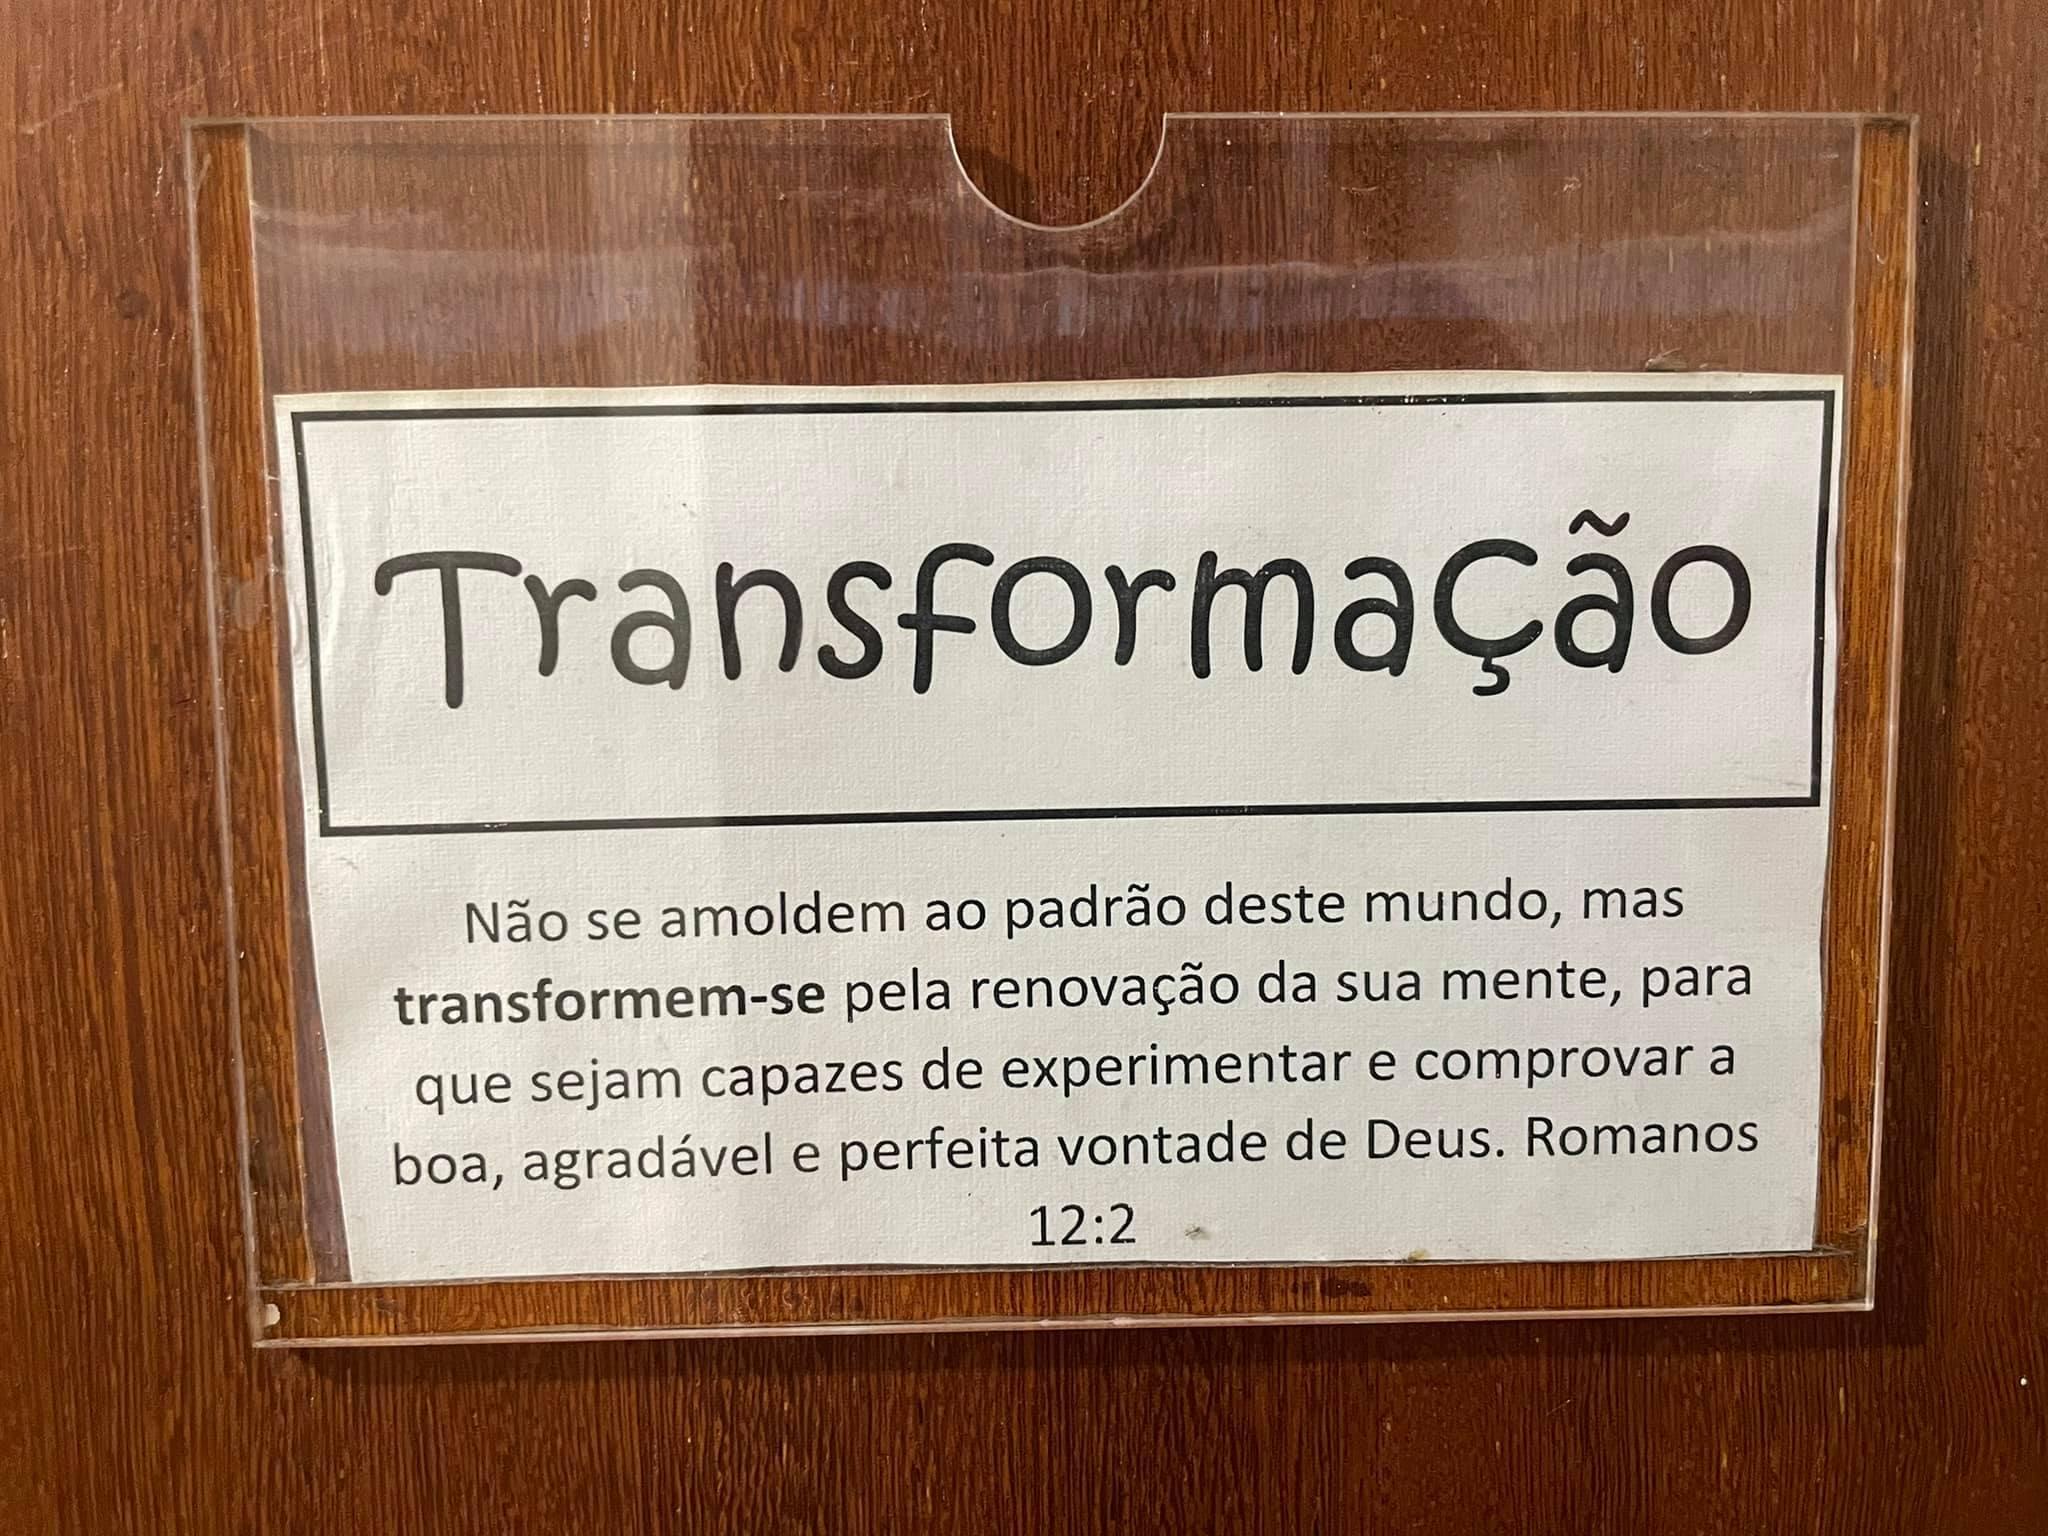 Transformation in Portuguese